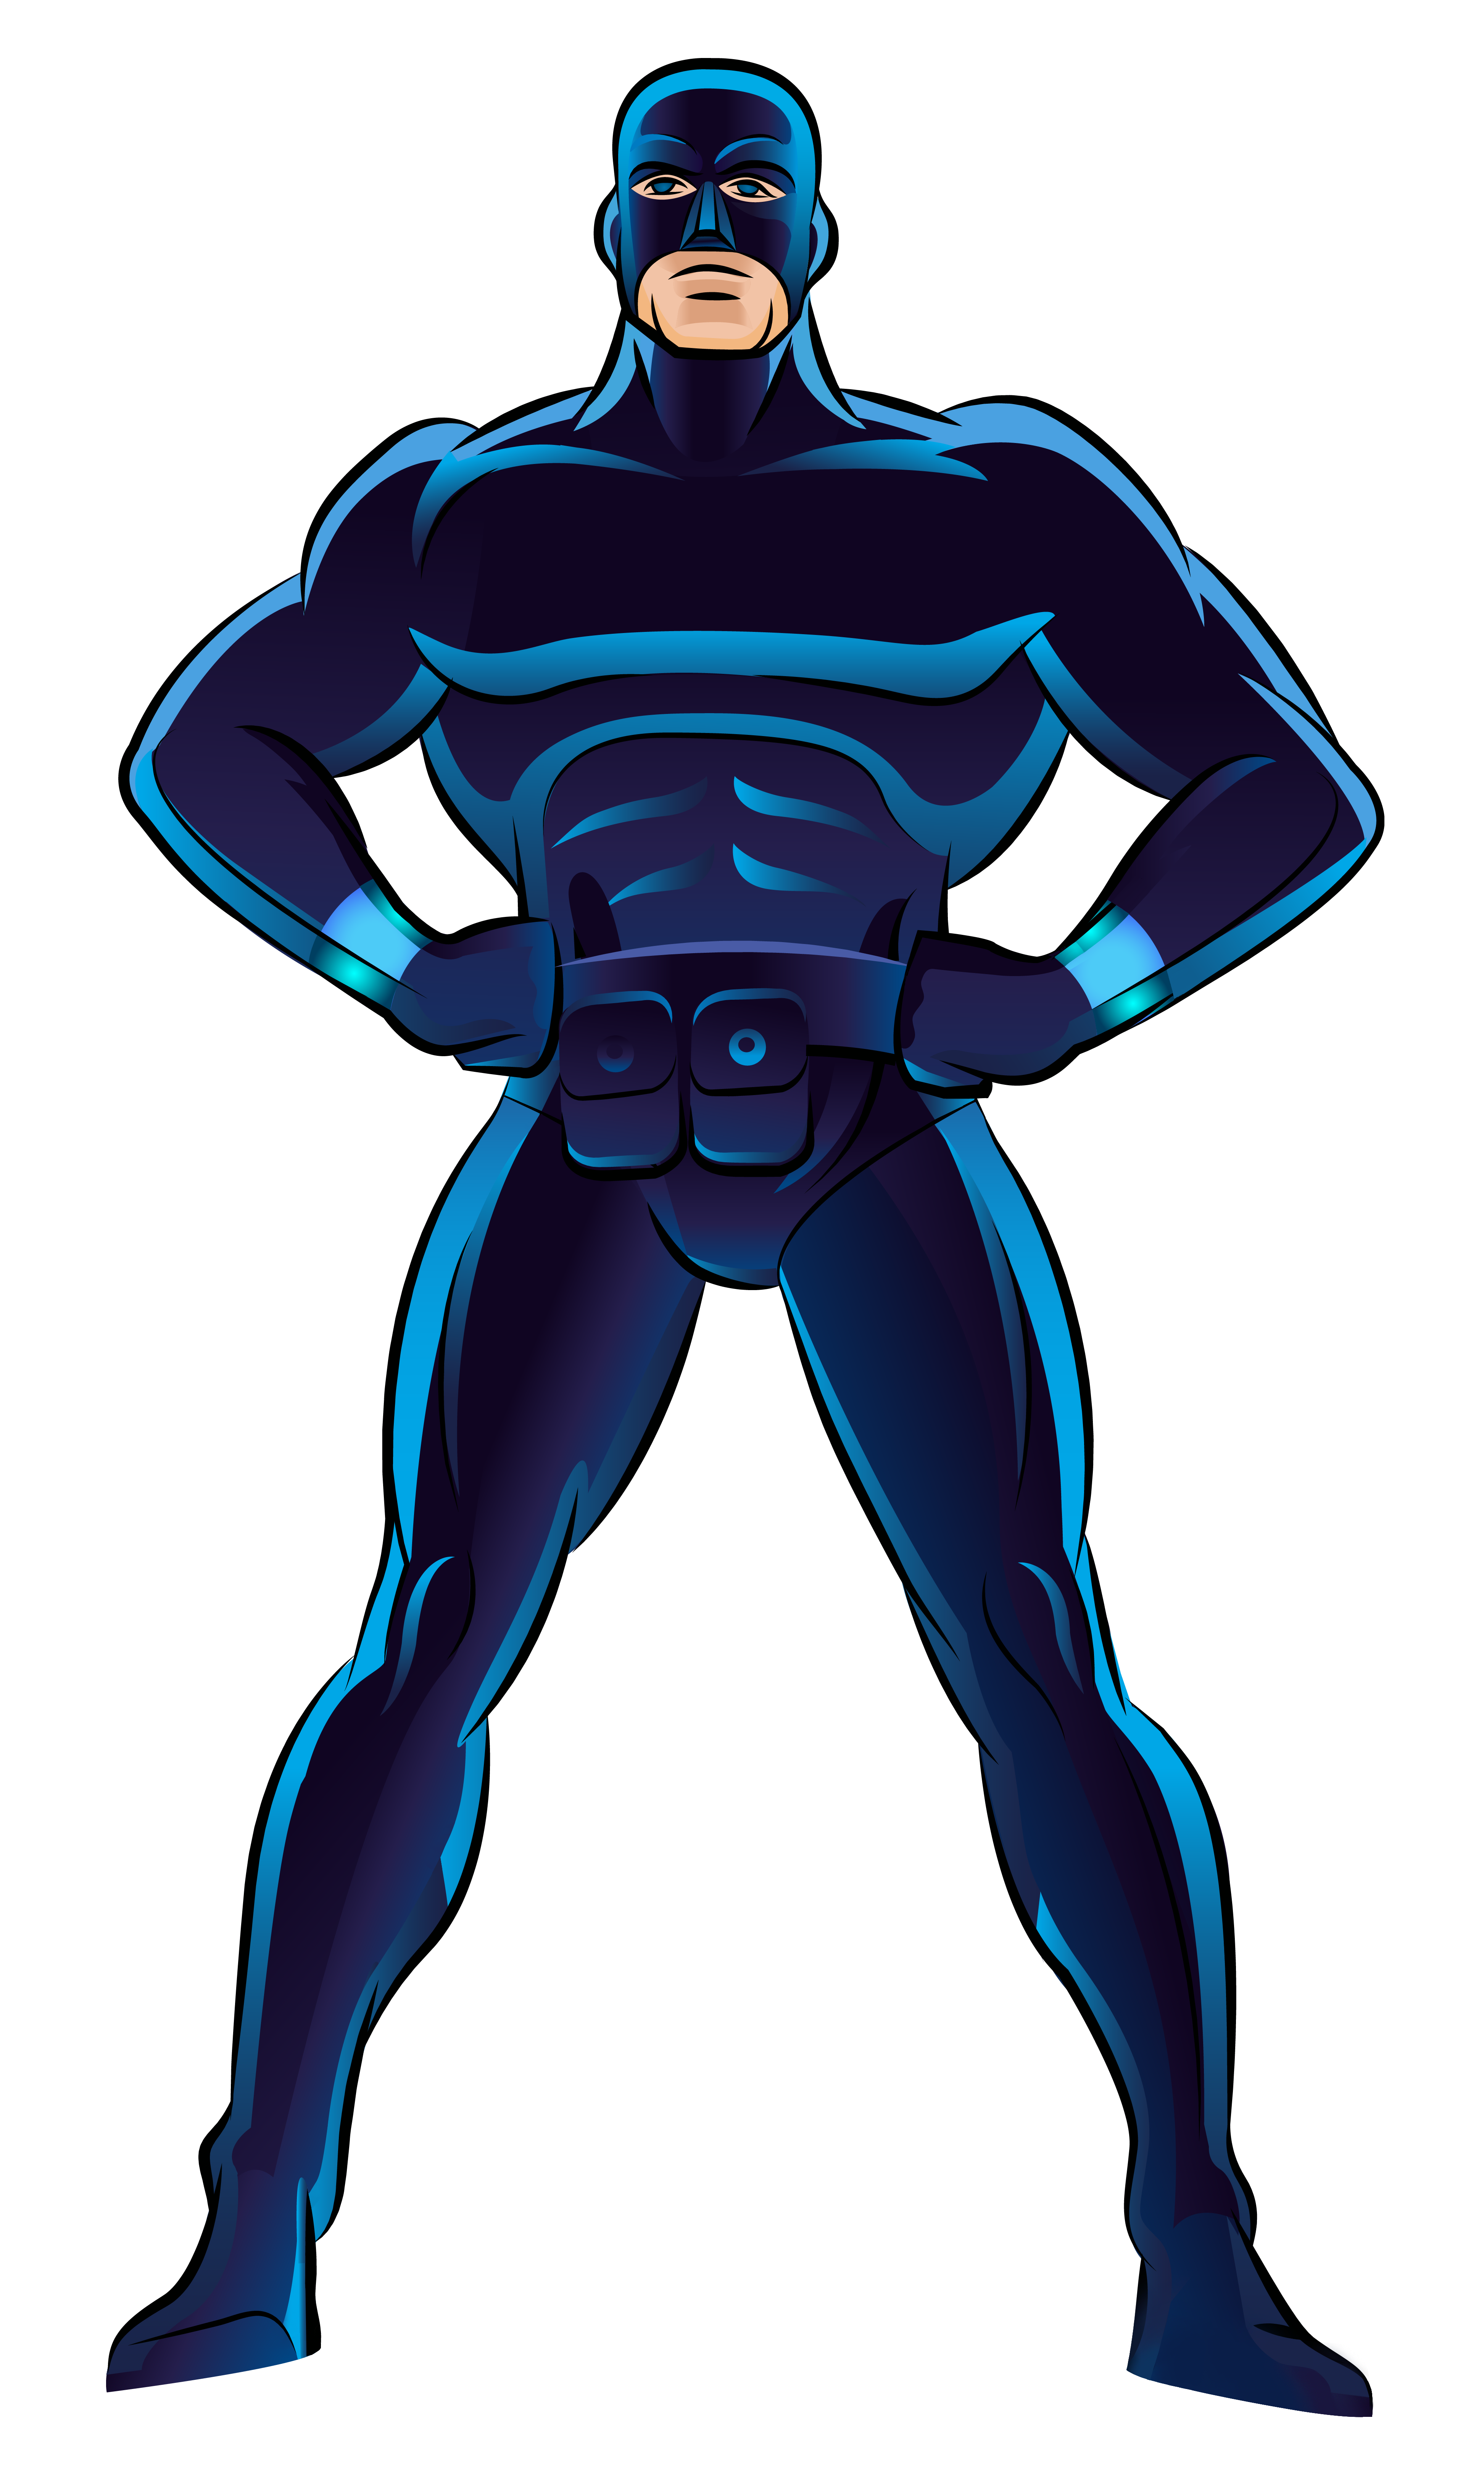 3889x6468 Blue Superhero Png Clip Art